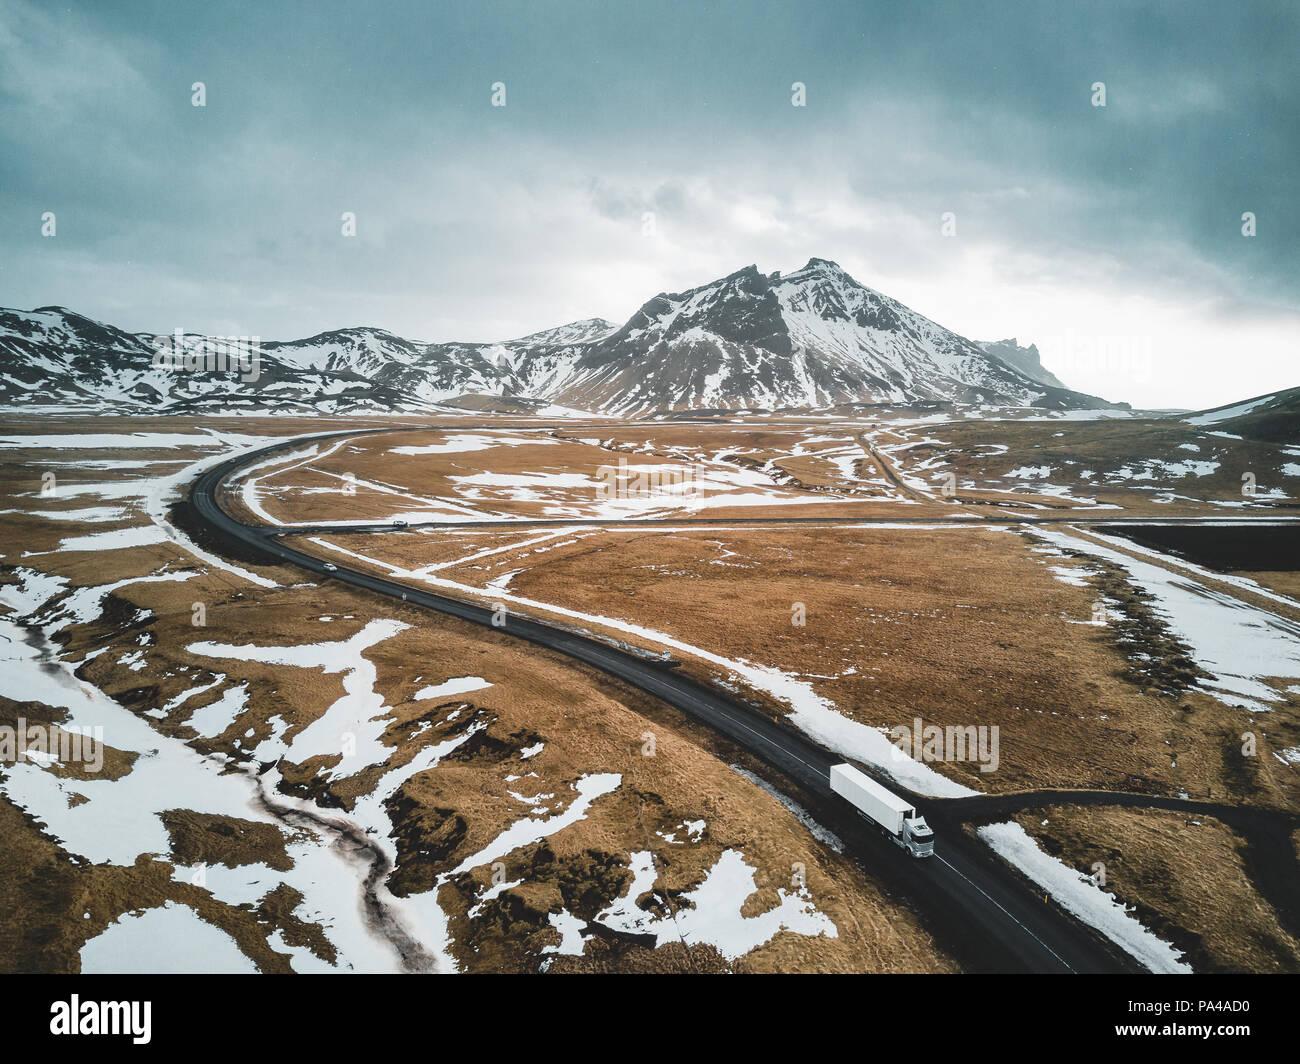 Islandia , febrero de 2018: Un camión pasa a lo largo de una calle con vista aérea del Paisaje con nieve y nubes street y amarillo y verde hierba. Imagen De Stock